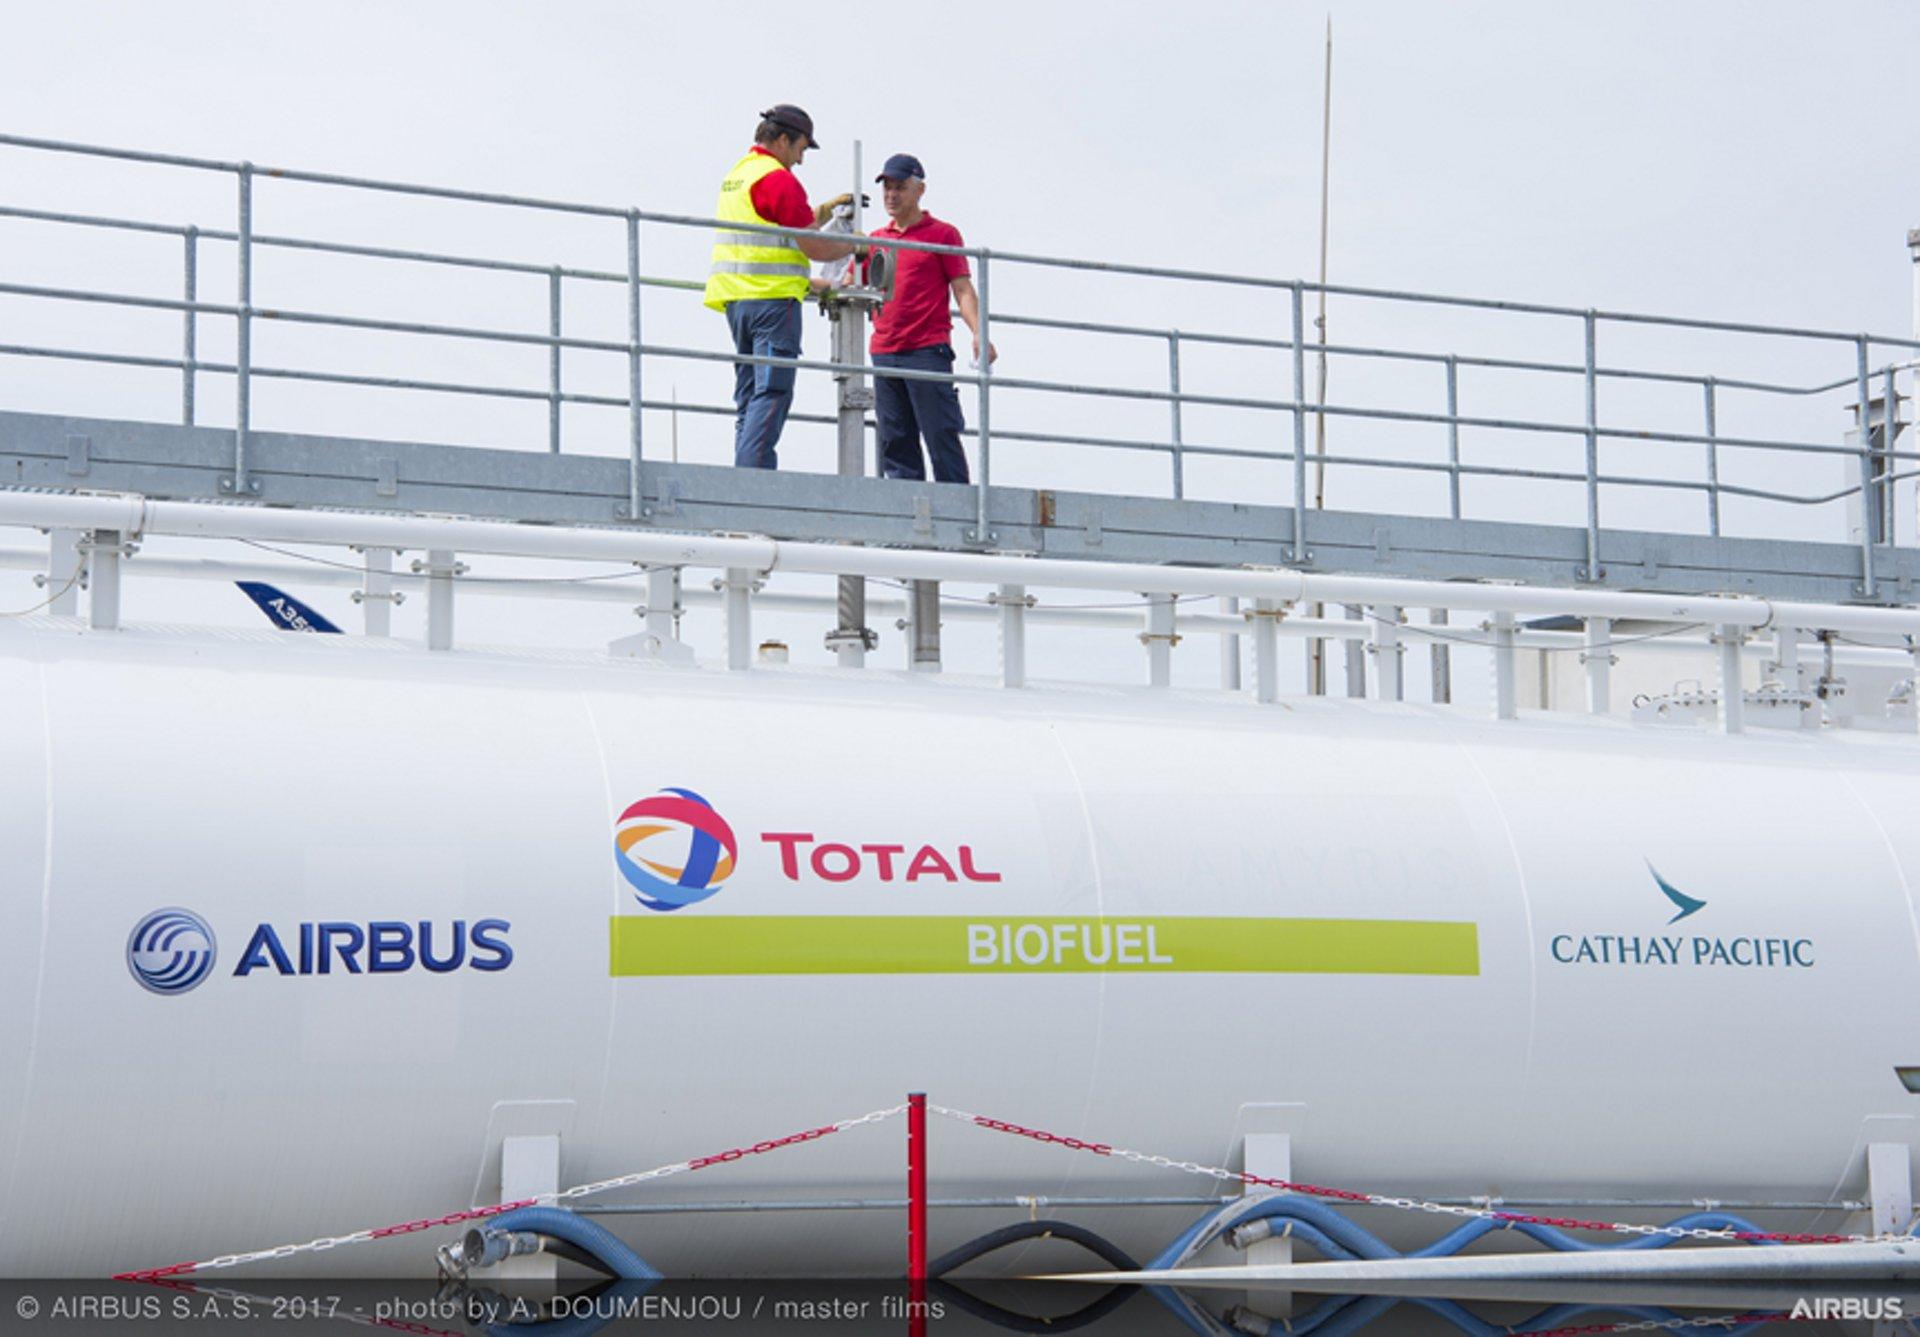 乐动体育app靠谱吗空中客车,国泰航空公司和自2016年以来的合作伙伴,以可持续燃料的混合提供国泰航空A350。